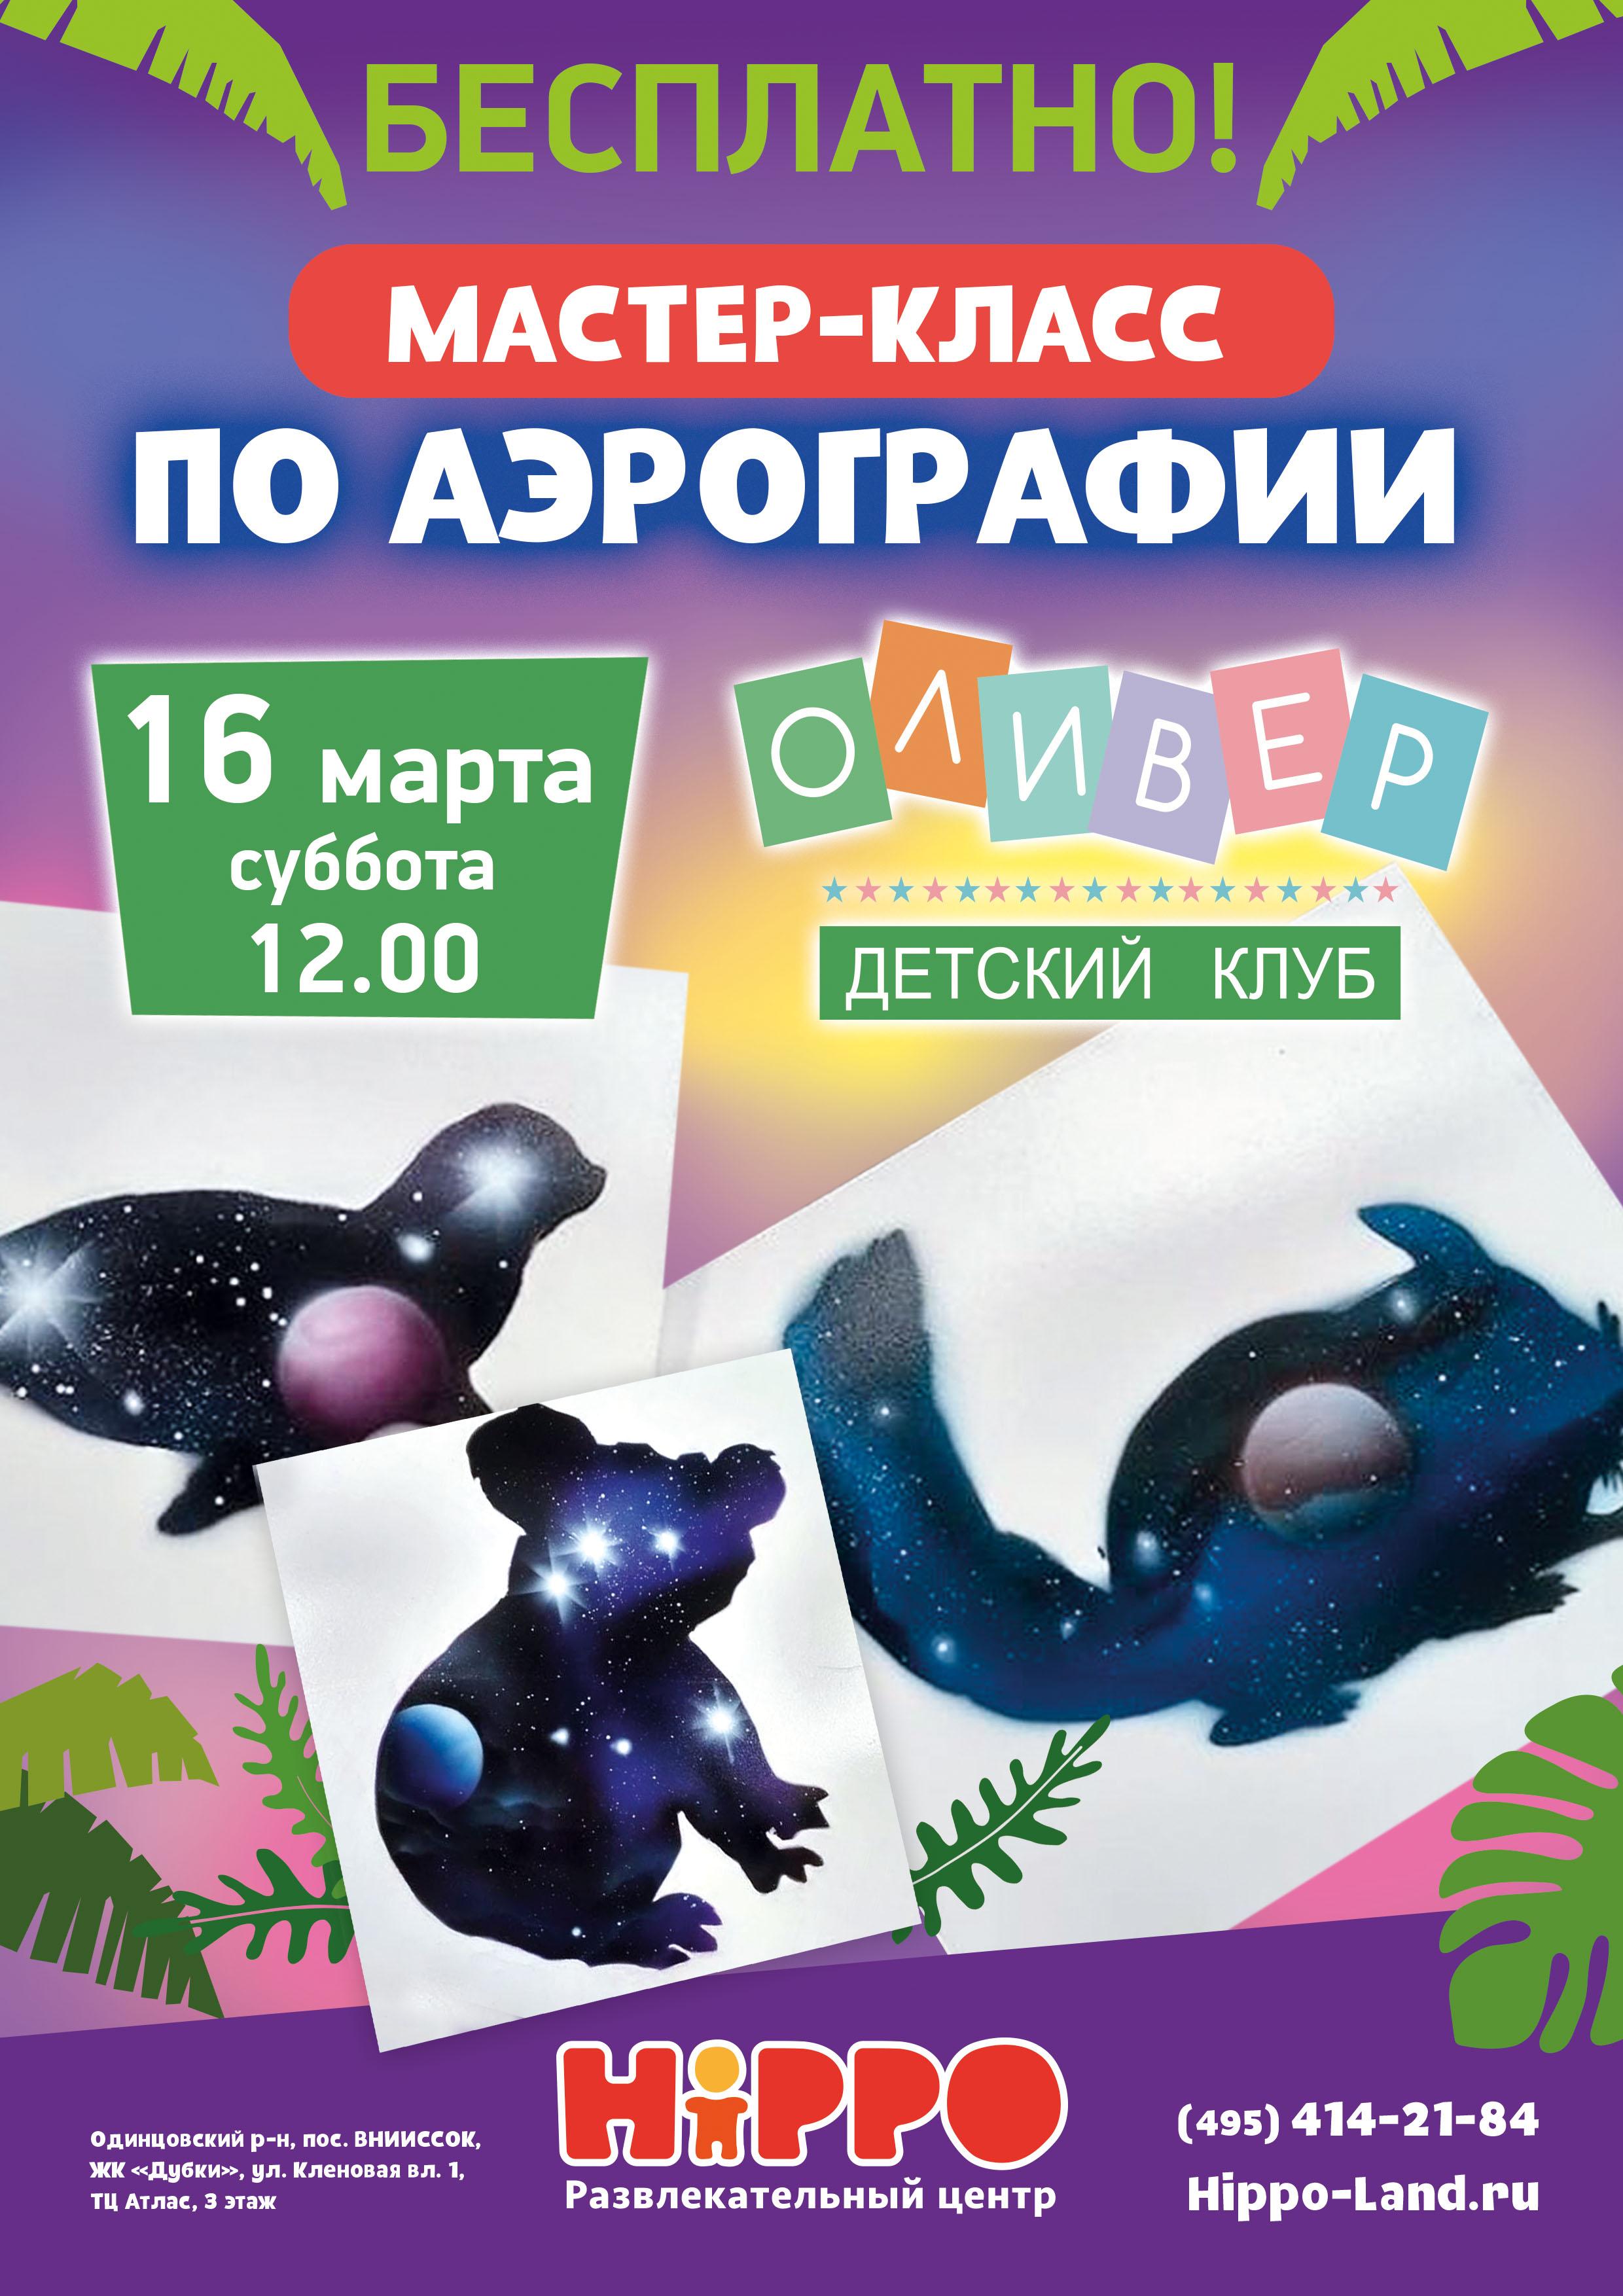 """Мастер-класс по Аэрографии от клуба """"Оливер"""". Дети 6+"""